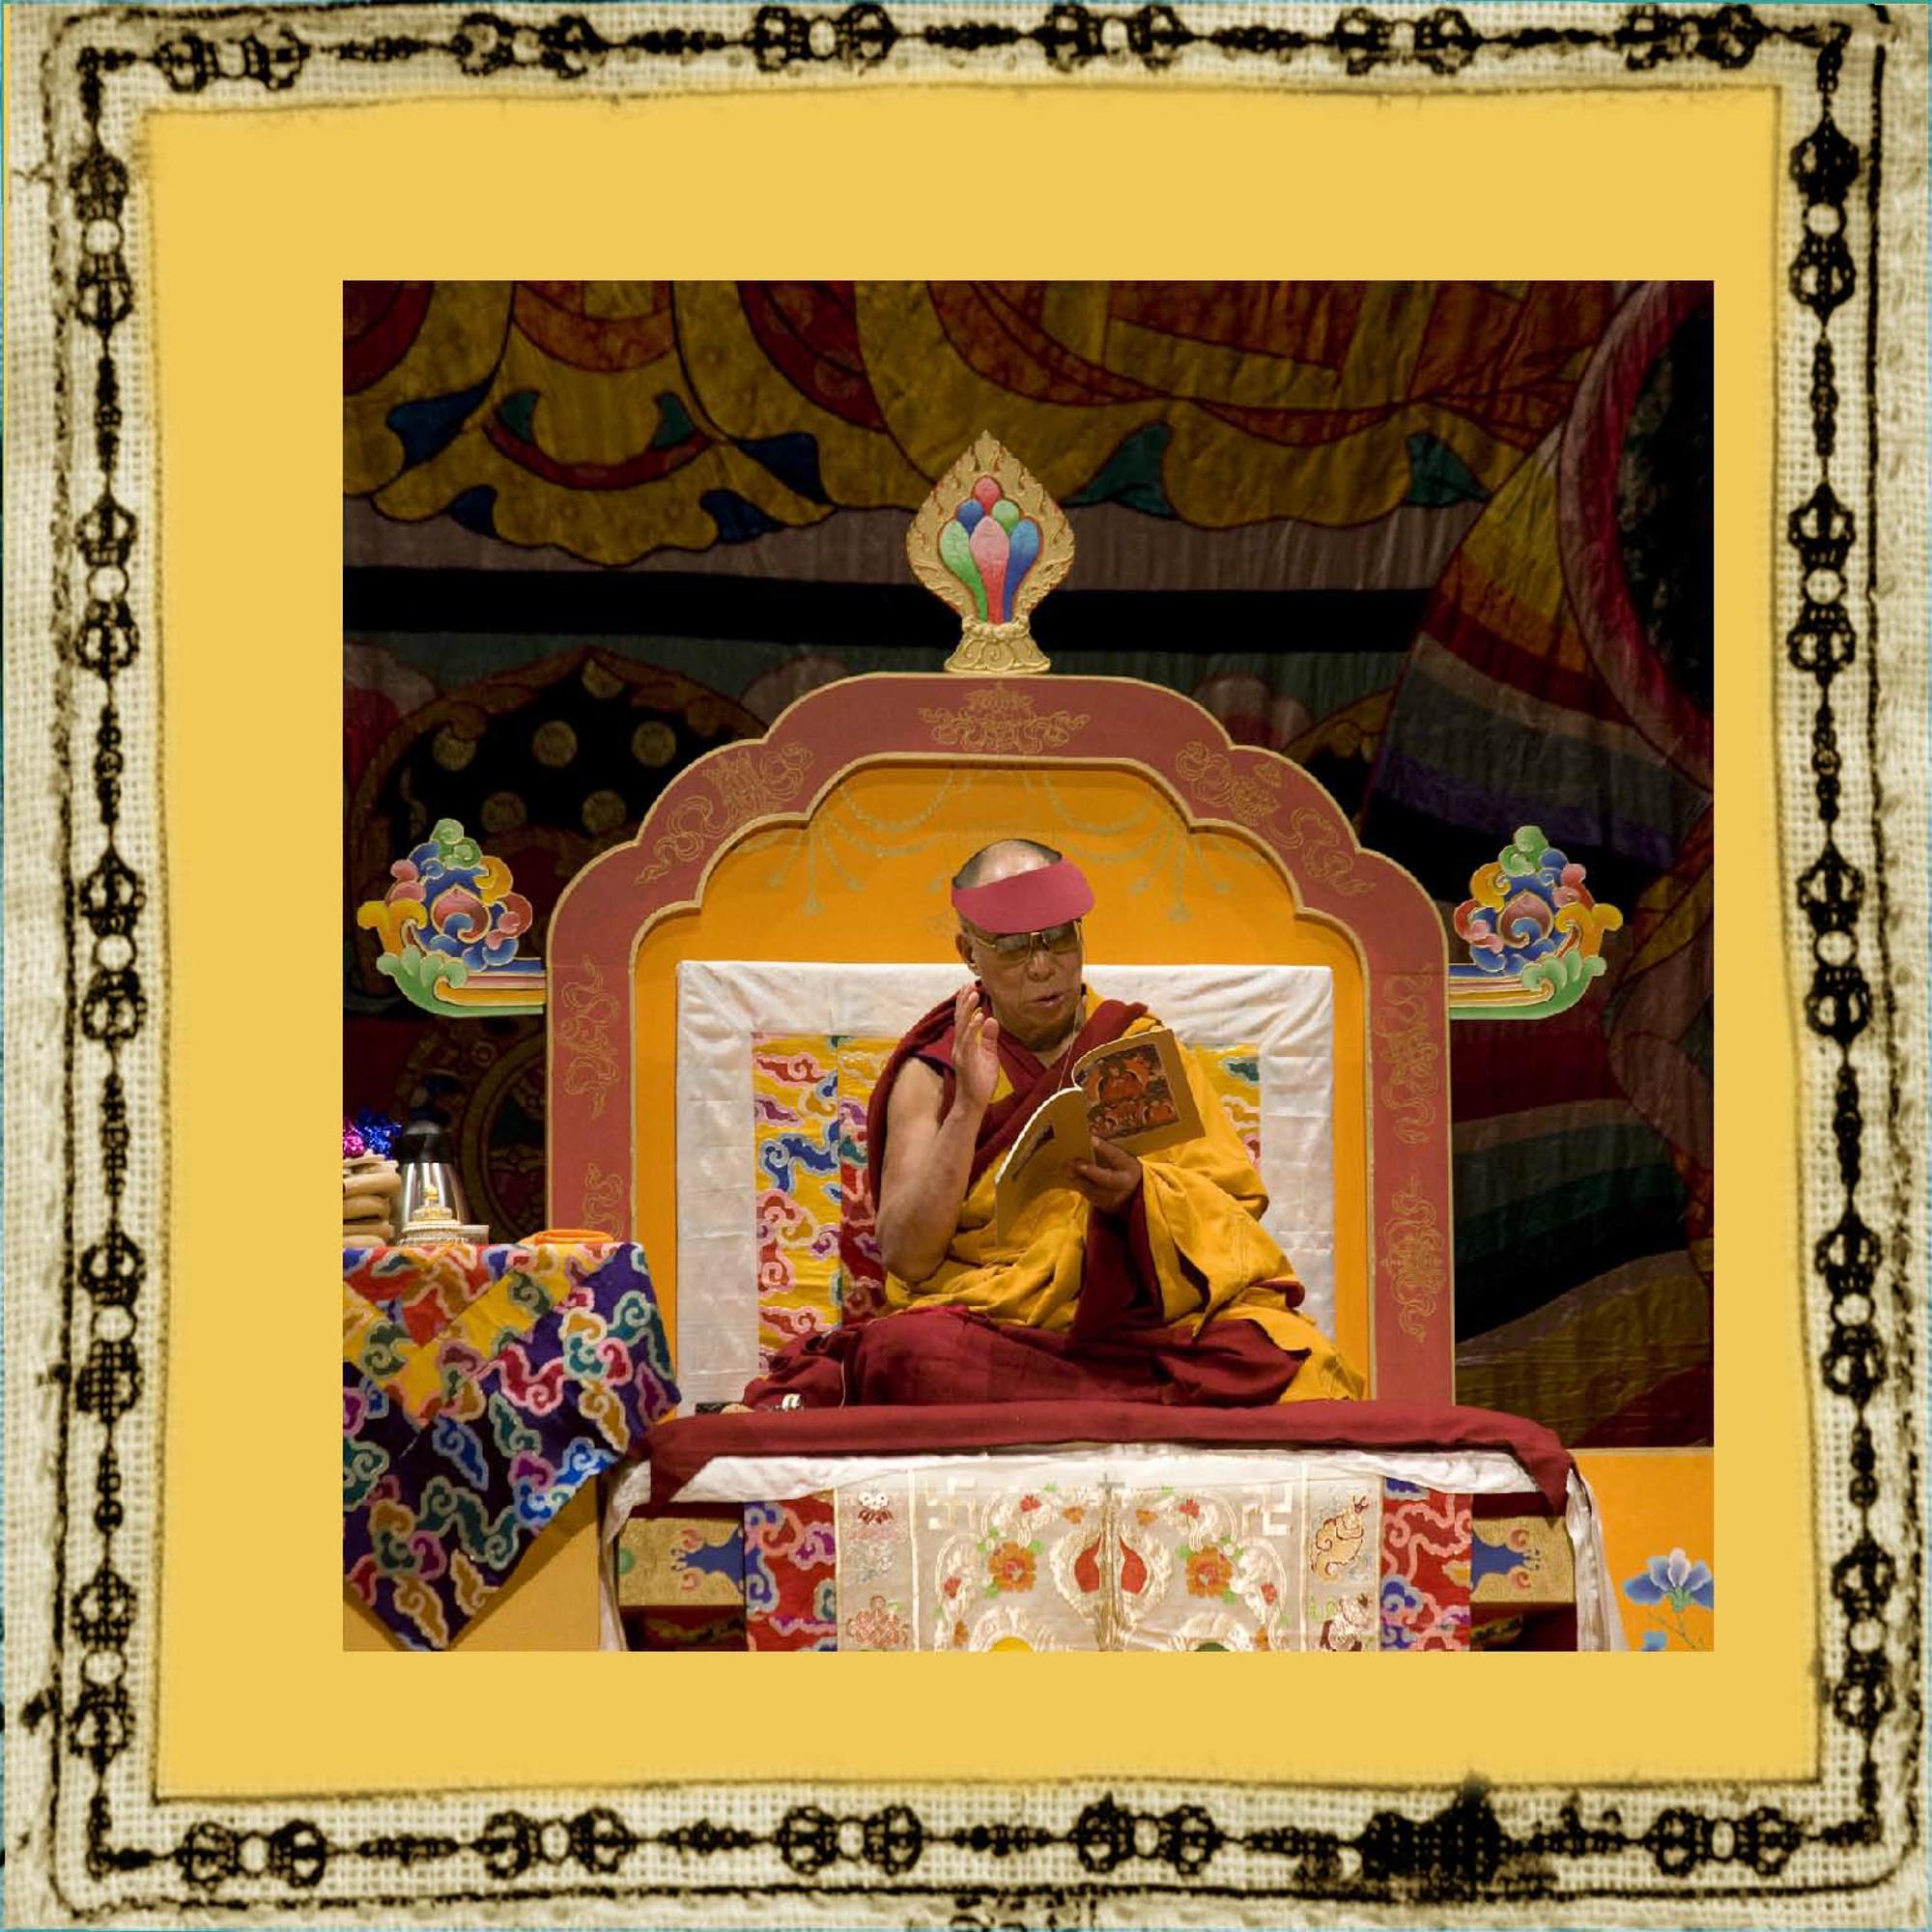 elizabeth-fenwick-photography-dalai-lama-peace-5.jpg